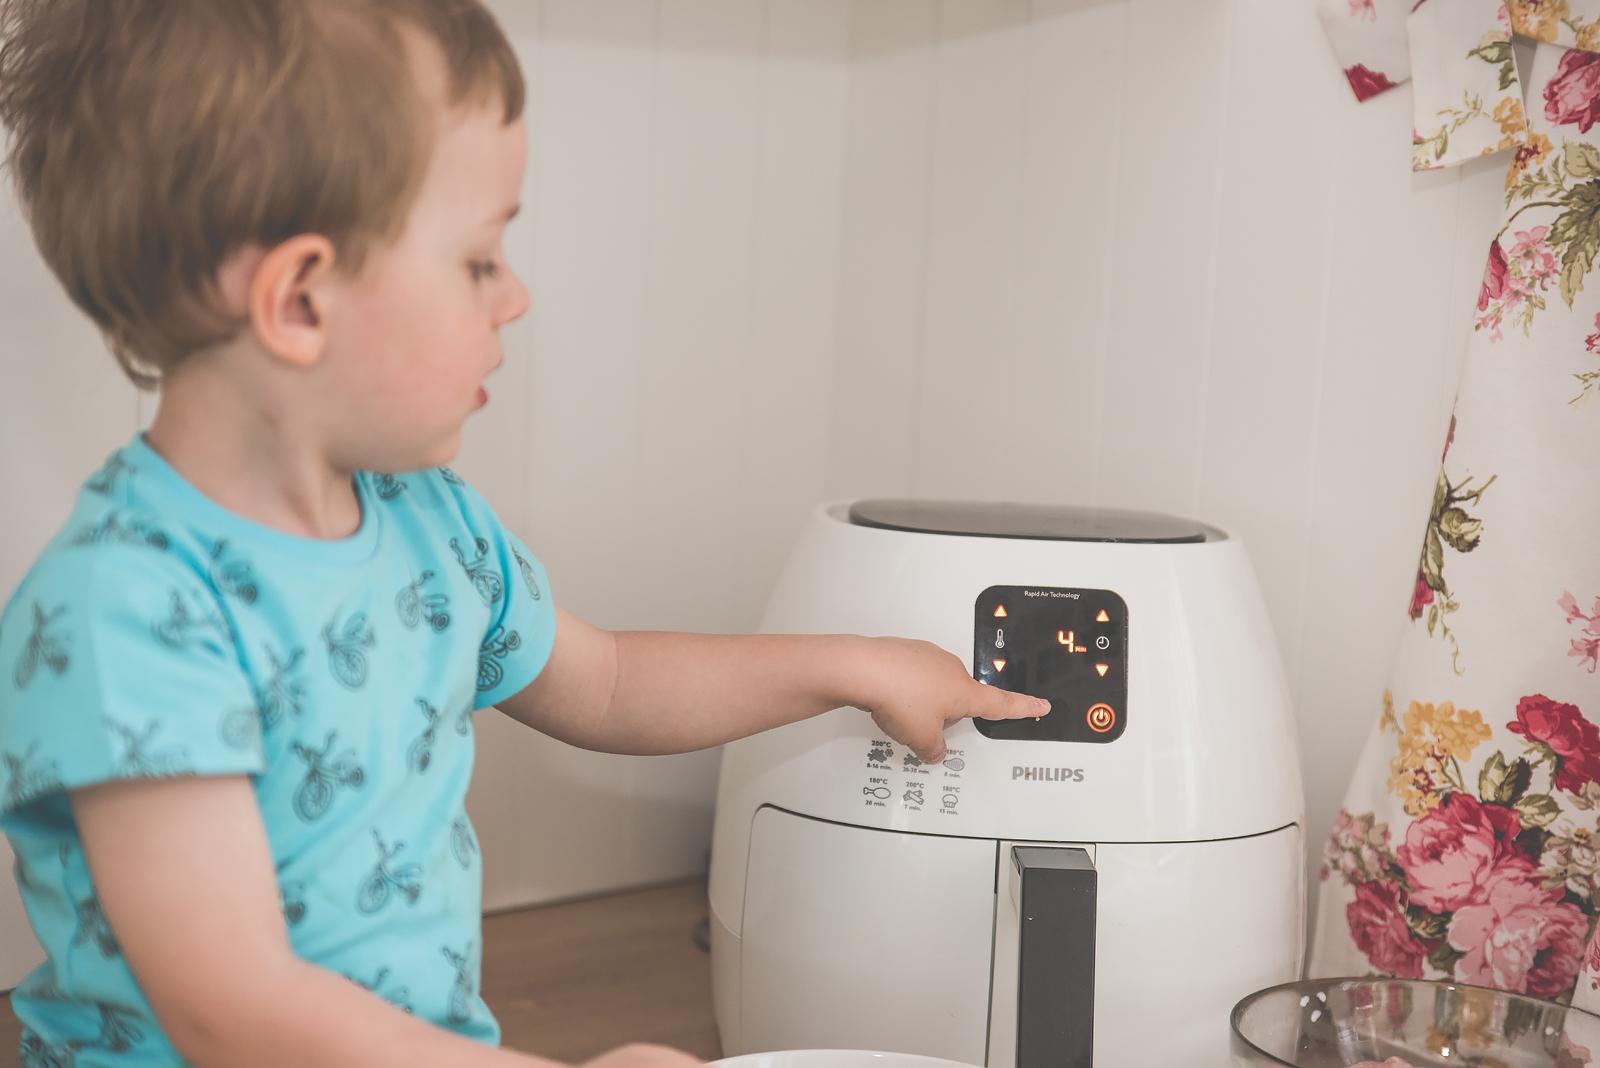 Philips Airfryer Przepisy Test Bakusiowo Domowe Frytki KFC w domu00030